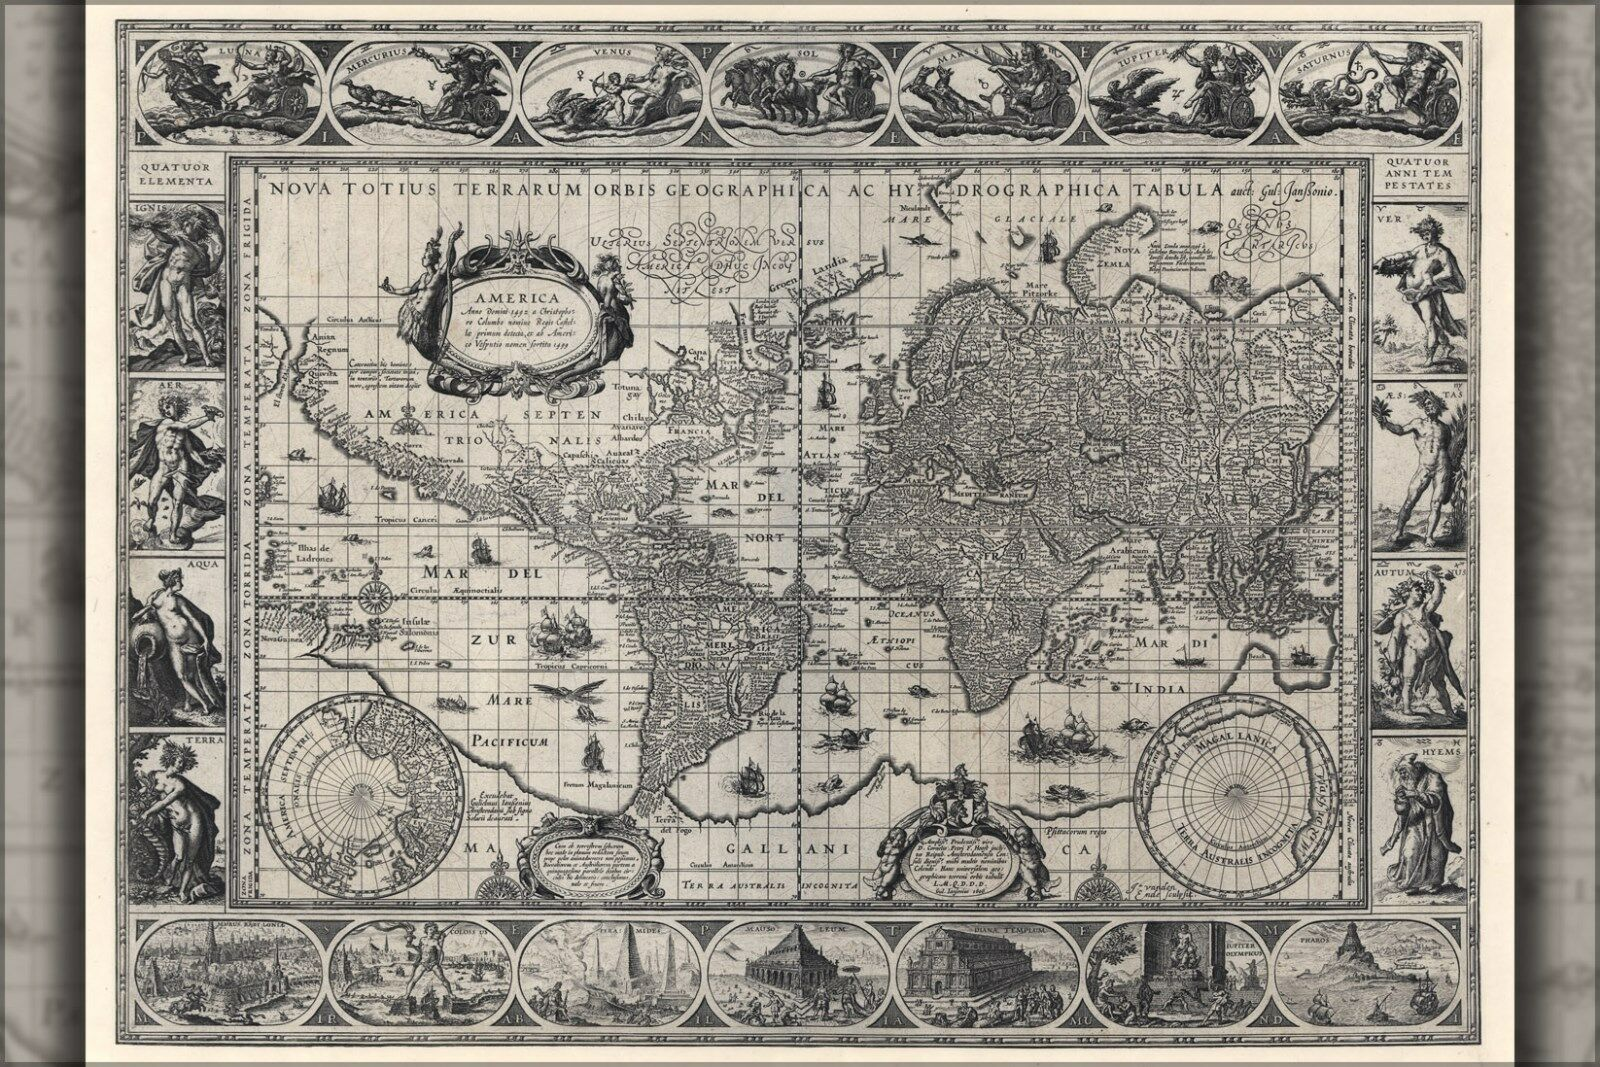 Poster, Many Dimensiones; Nova Totius Hydrographica Tabula World Map 1606